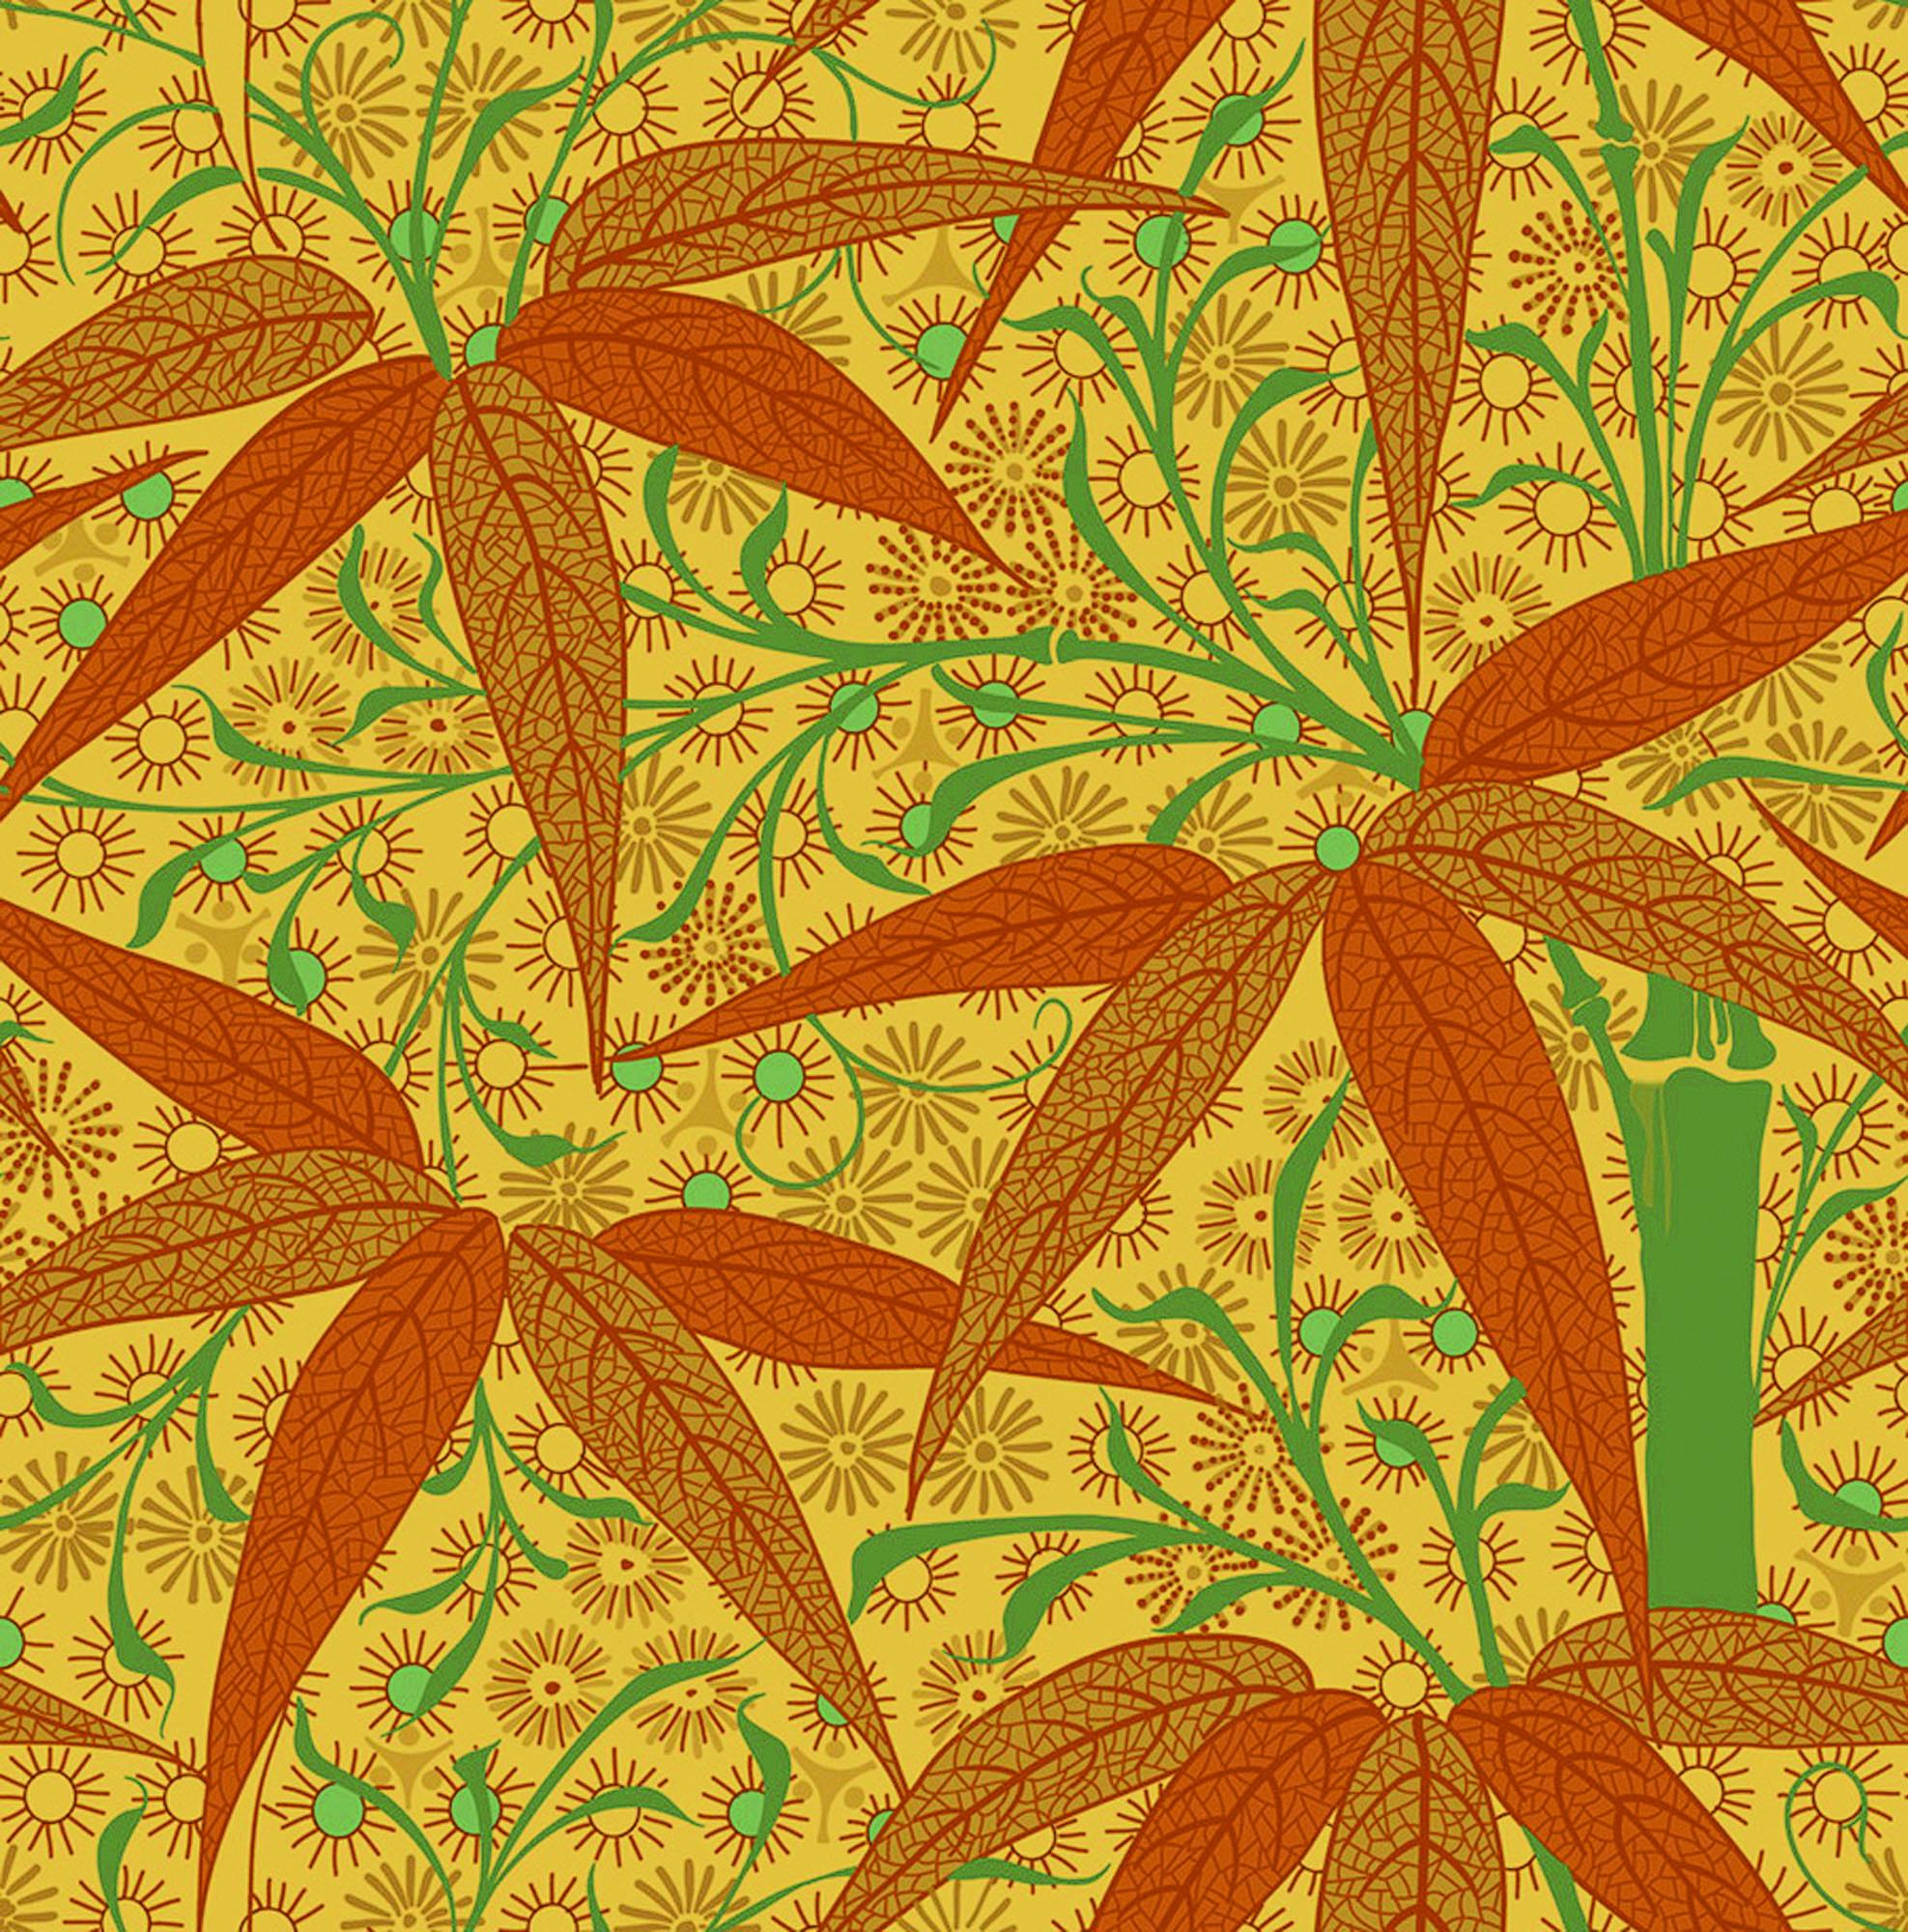 Trustworth Studio's 'Bamboo' William Morris wallpaper